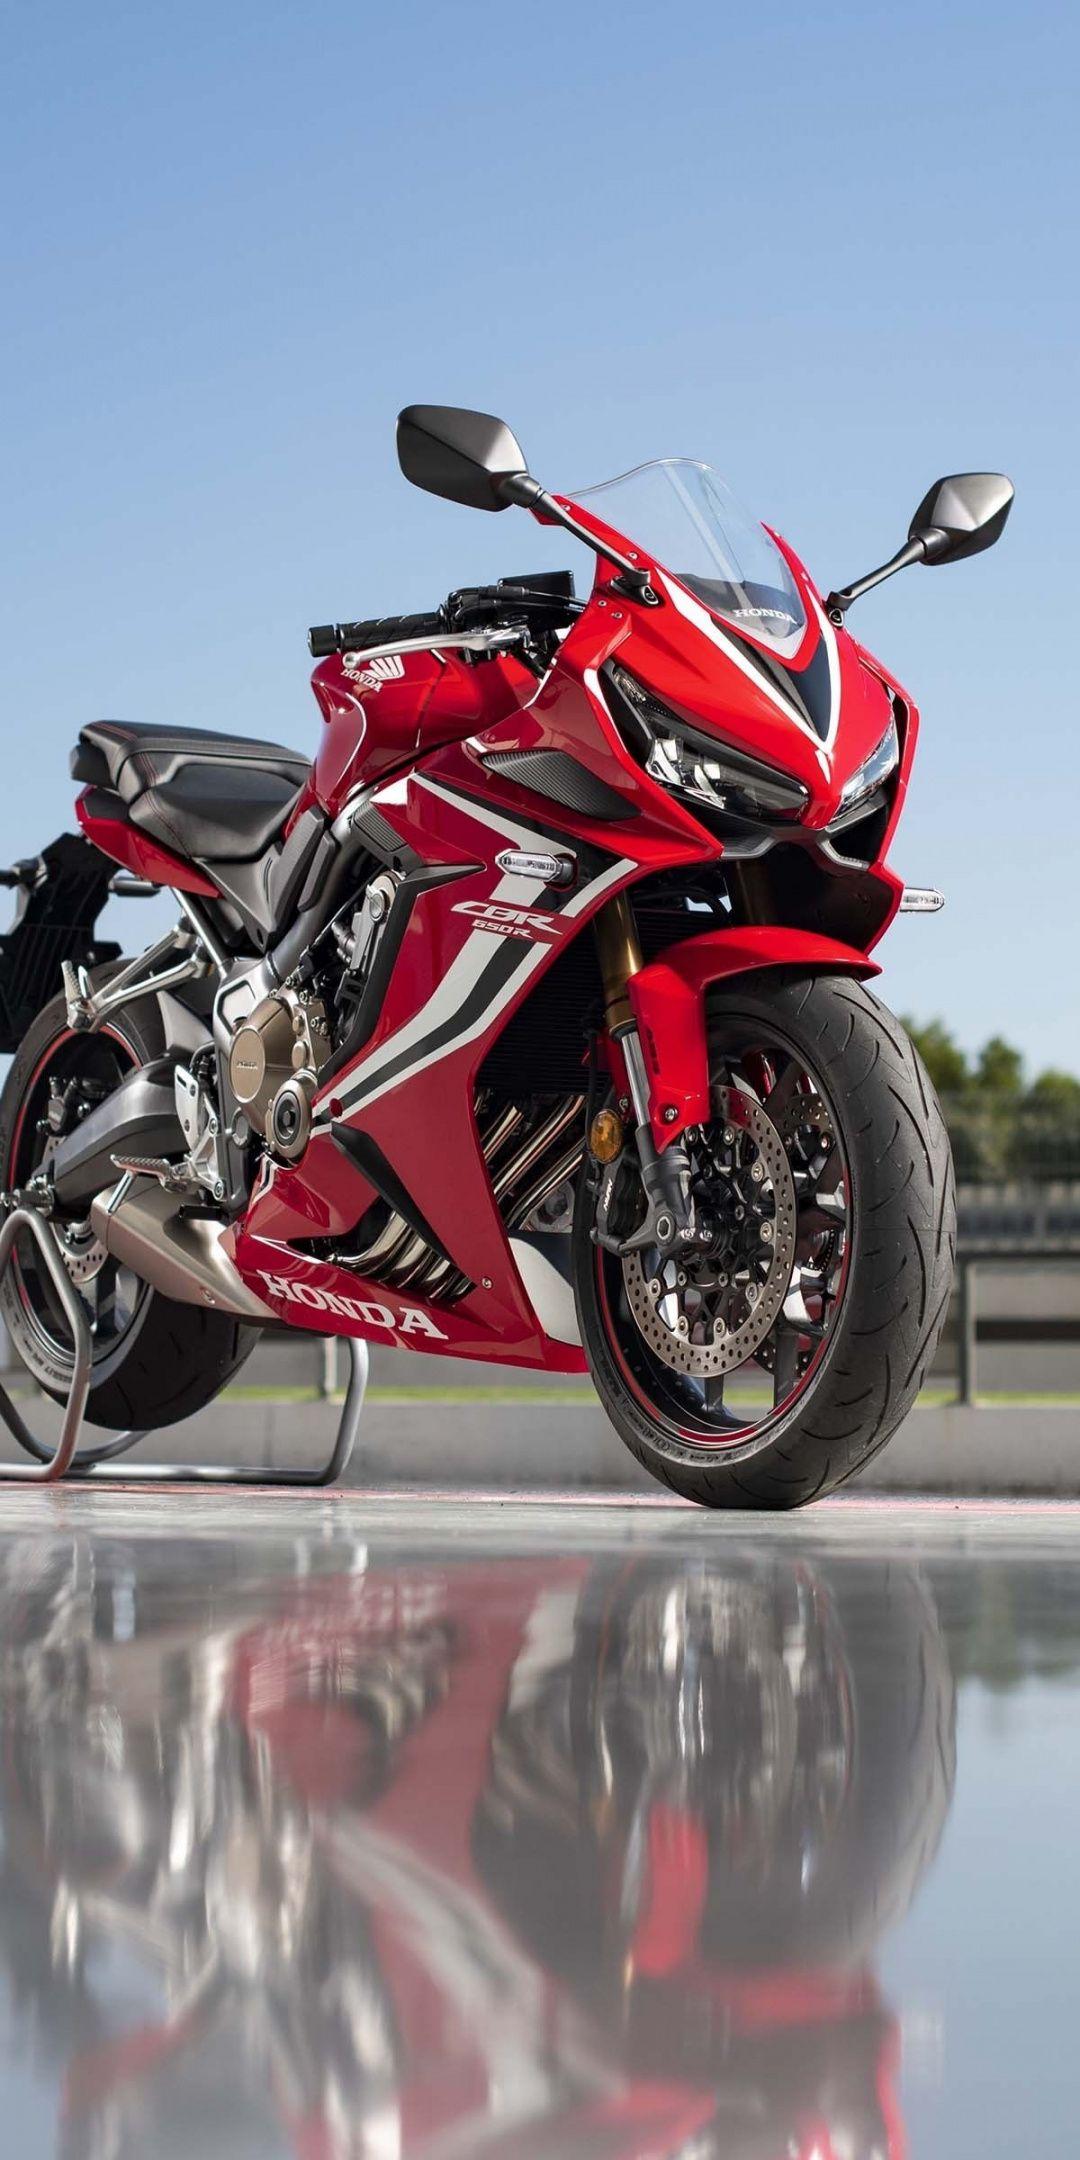 Honda Cbr650r Sports Bike 2019 1080x2160 Wallpaper Bike